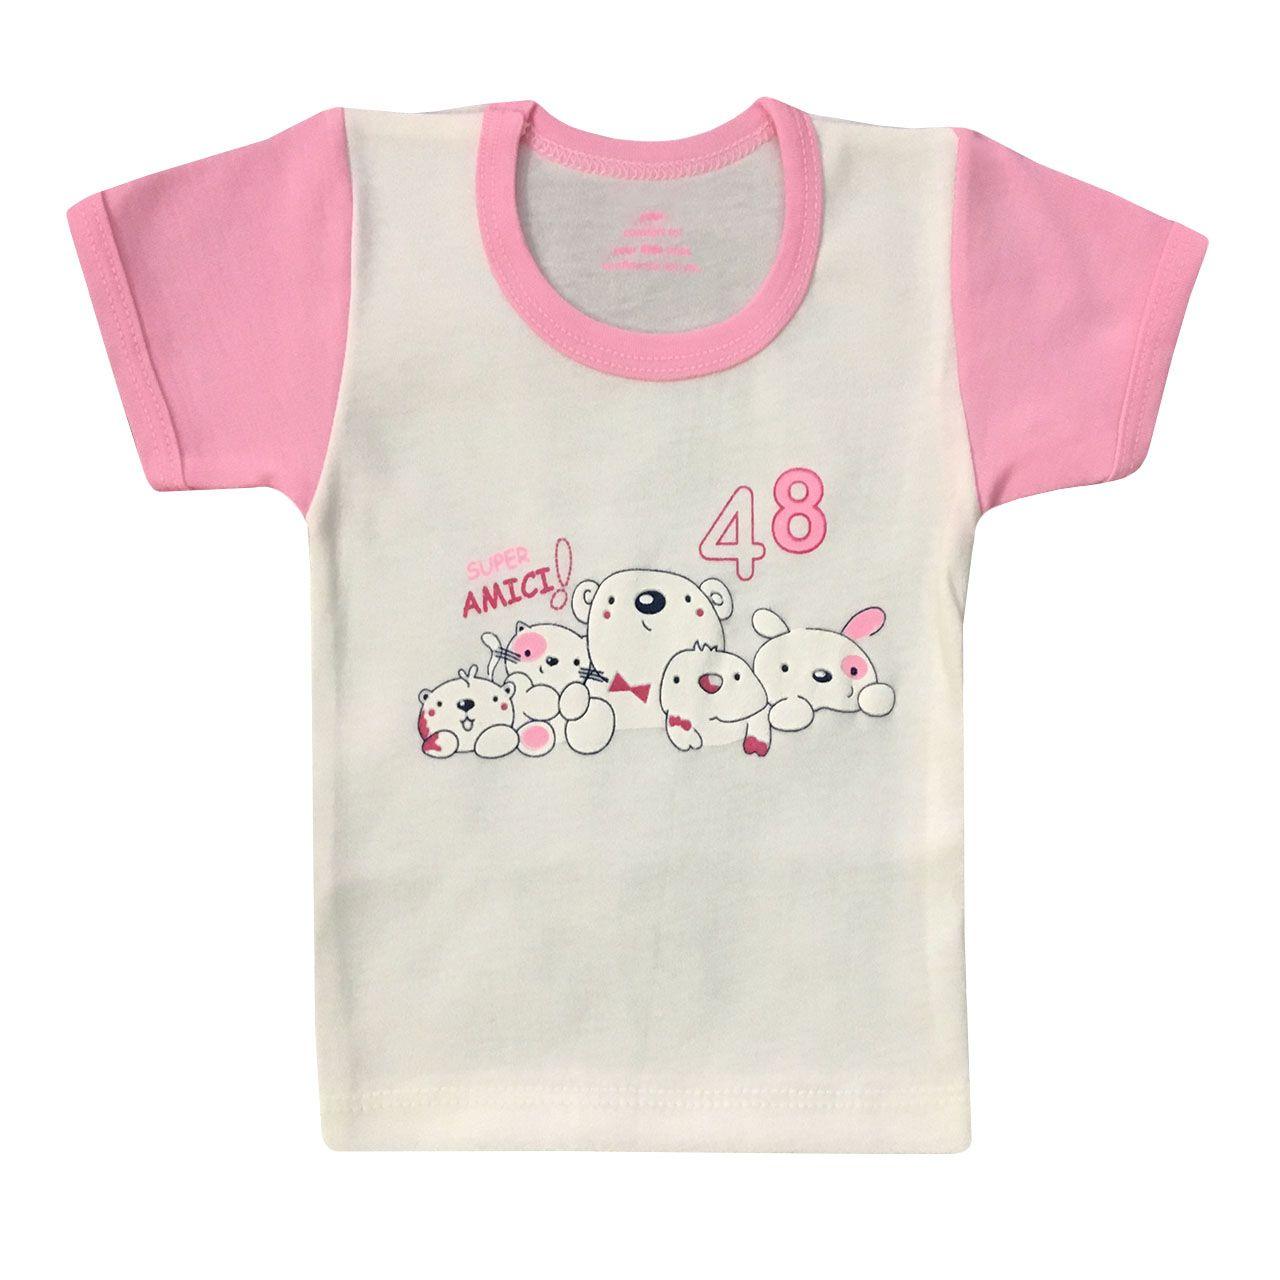 ست 3 تکه لباس نوزادی دخترانه شاهین طرح امیکی کد S -  - 3